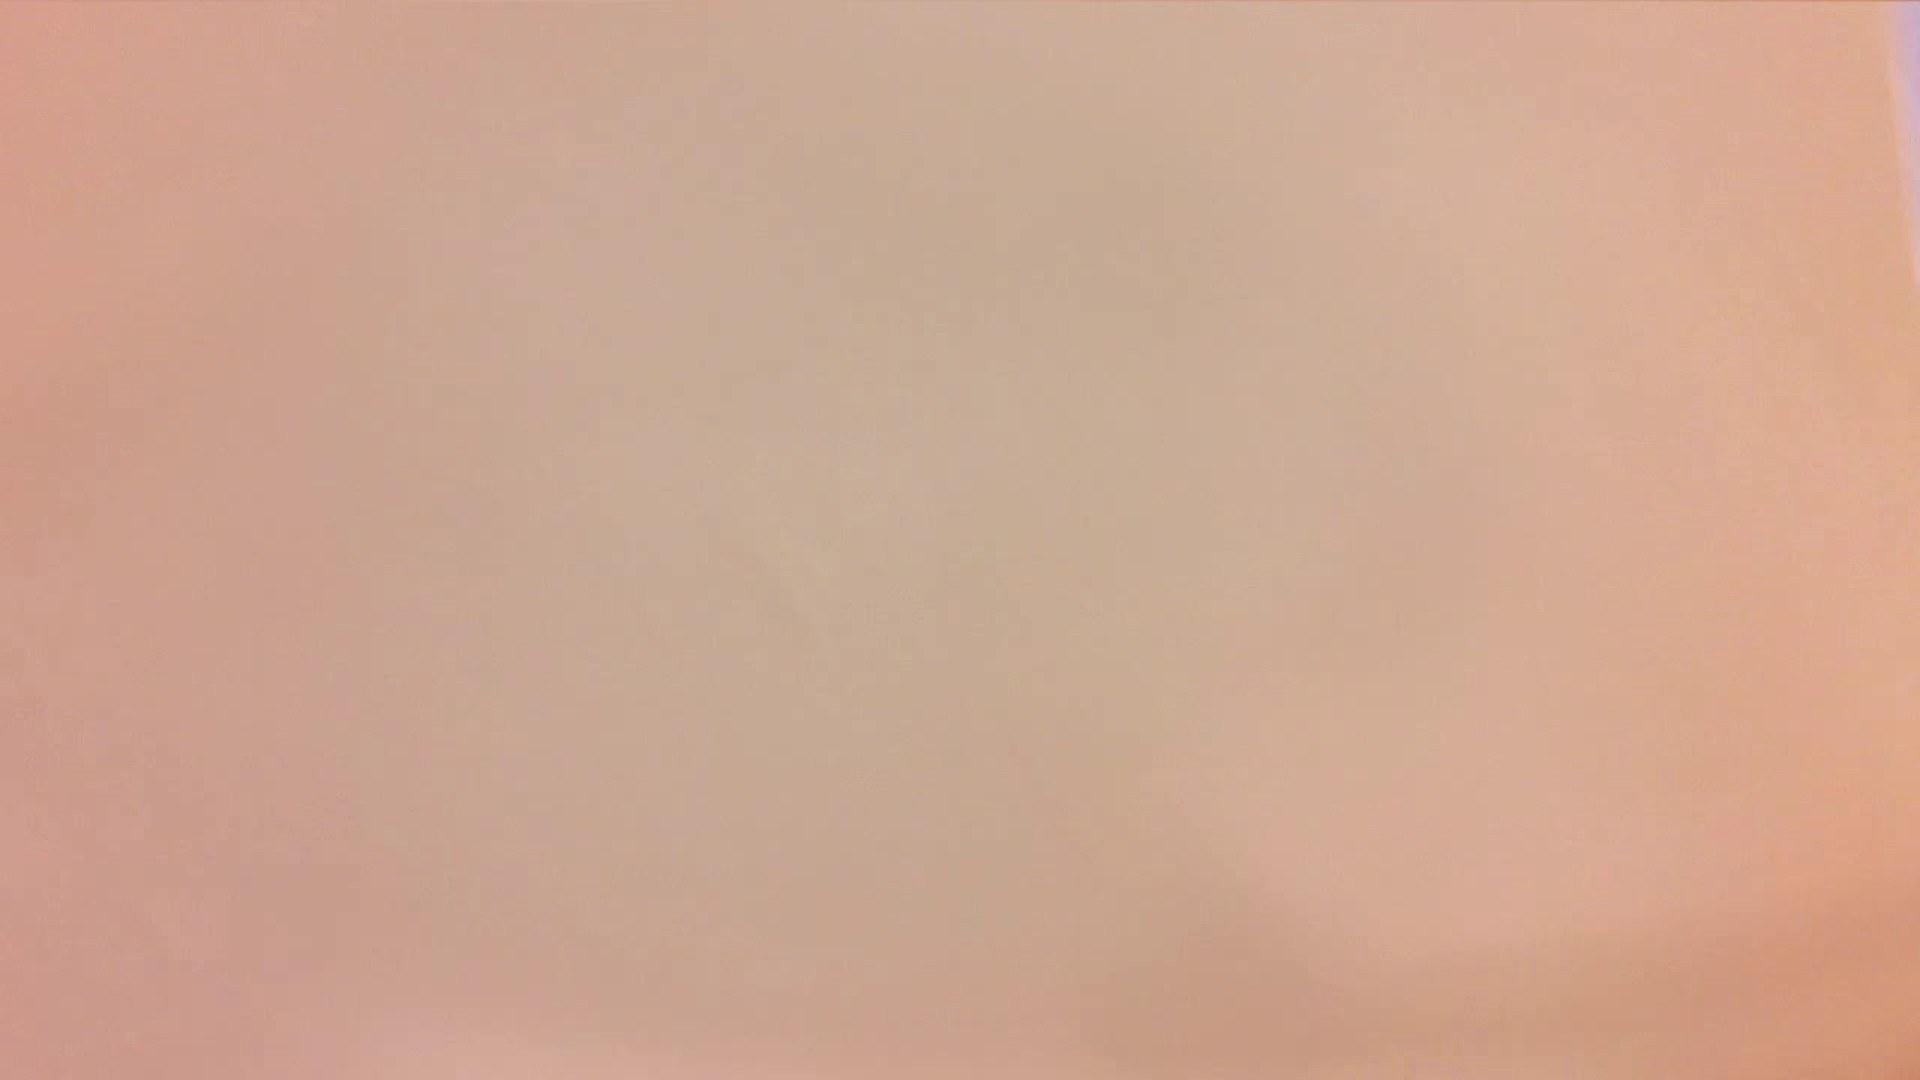 可愛いカリスマ店員限定‼胸チラ&パンチラ vol.04 胸チラ | チラ  80PICs 66